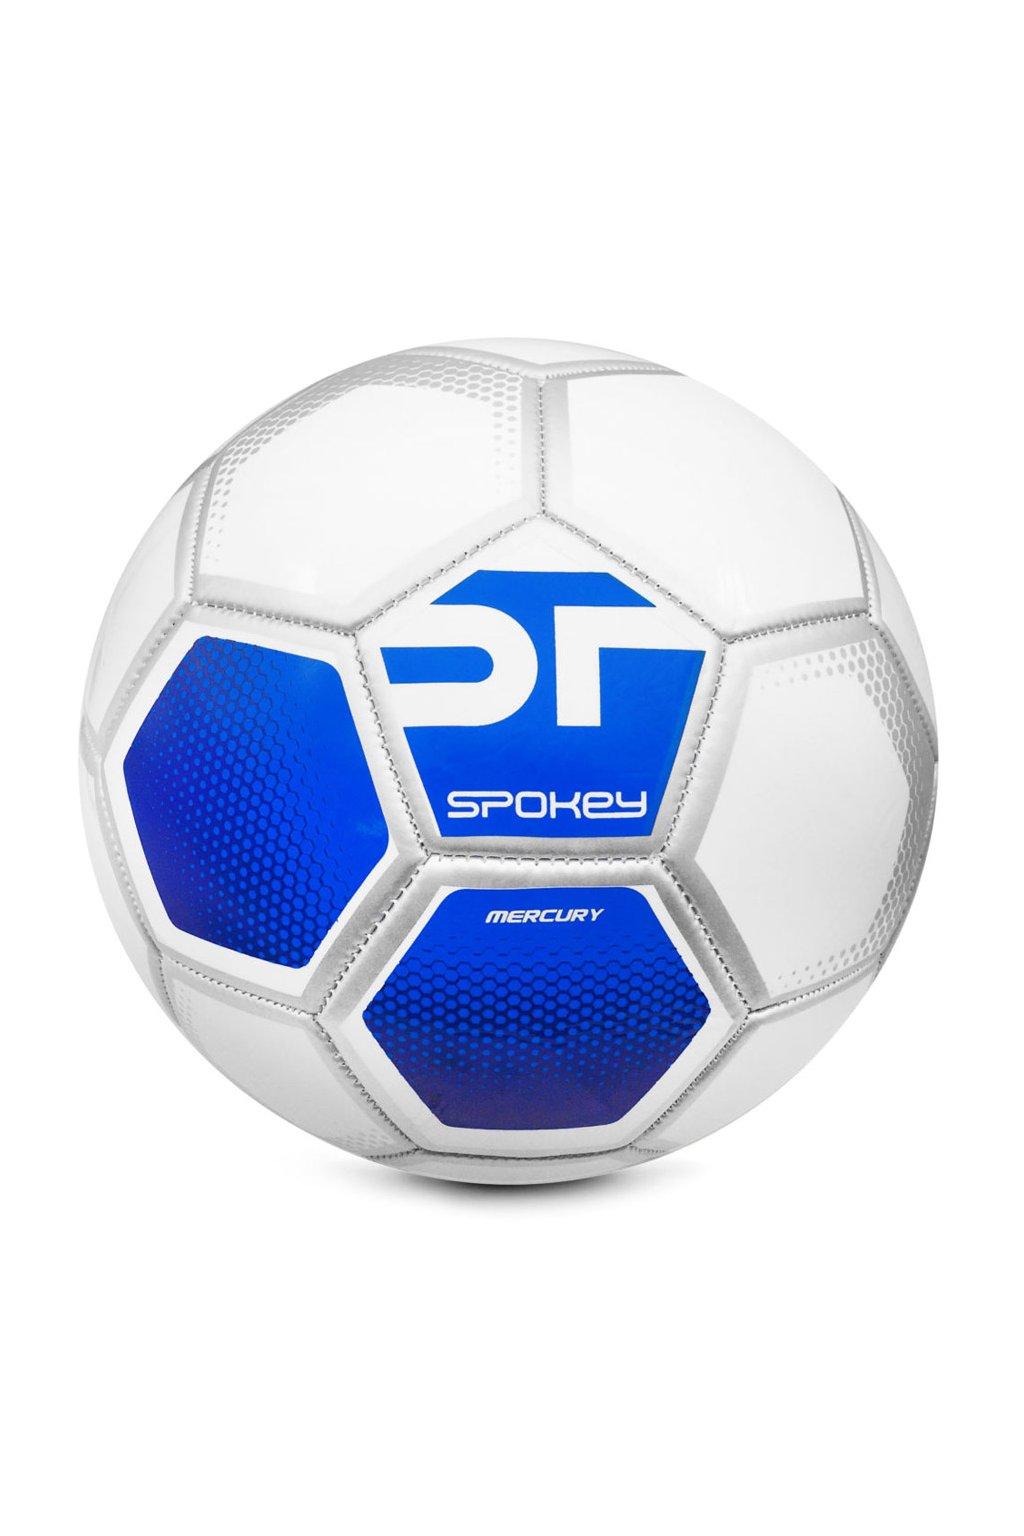 Piłka nożna Spokey Mercury szaro-niebieska 925389